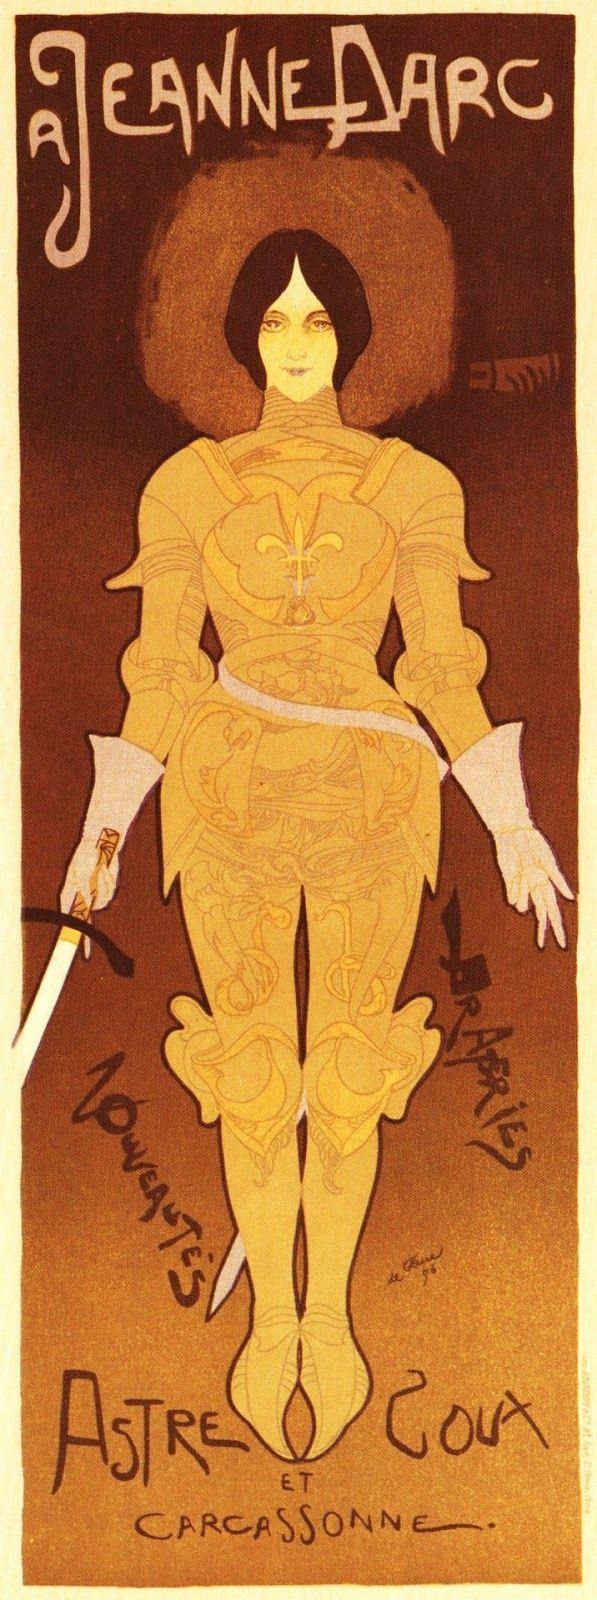 996 best art that inspires images on Pinterest | Art nouveau, Angel ...